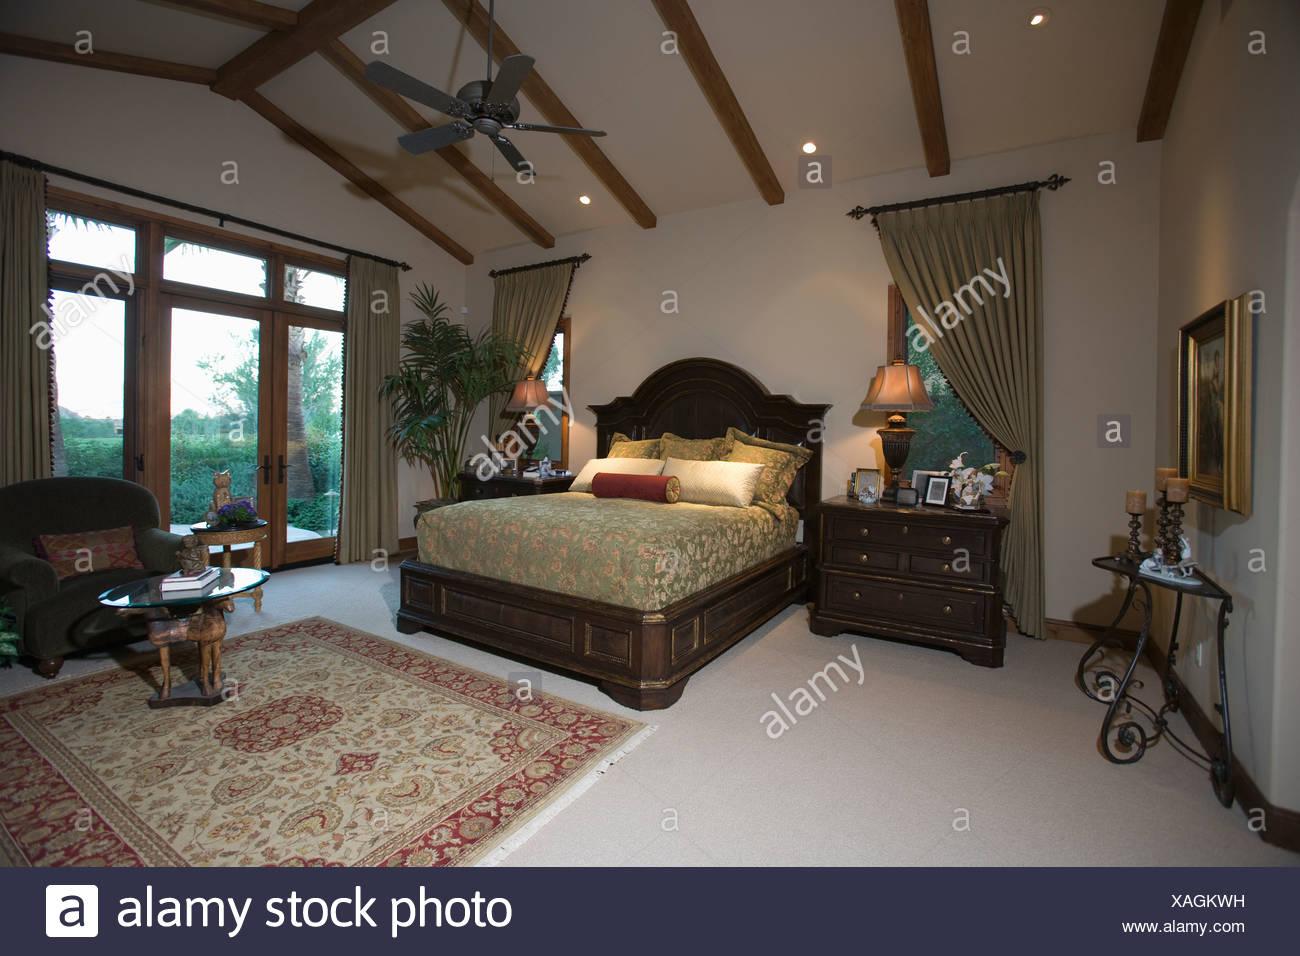 Palm springs schlafzimmer mit holzbalken decke und - Schlafzimmer decke ...